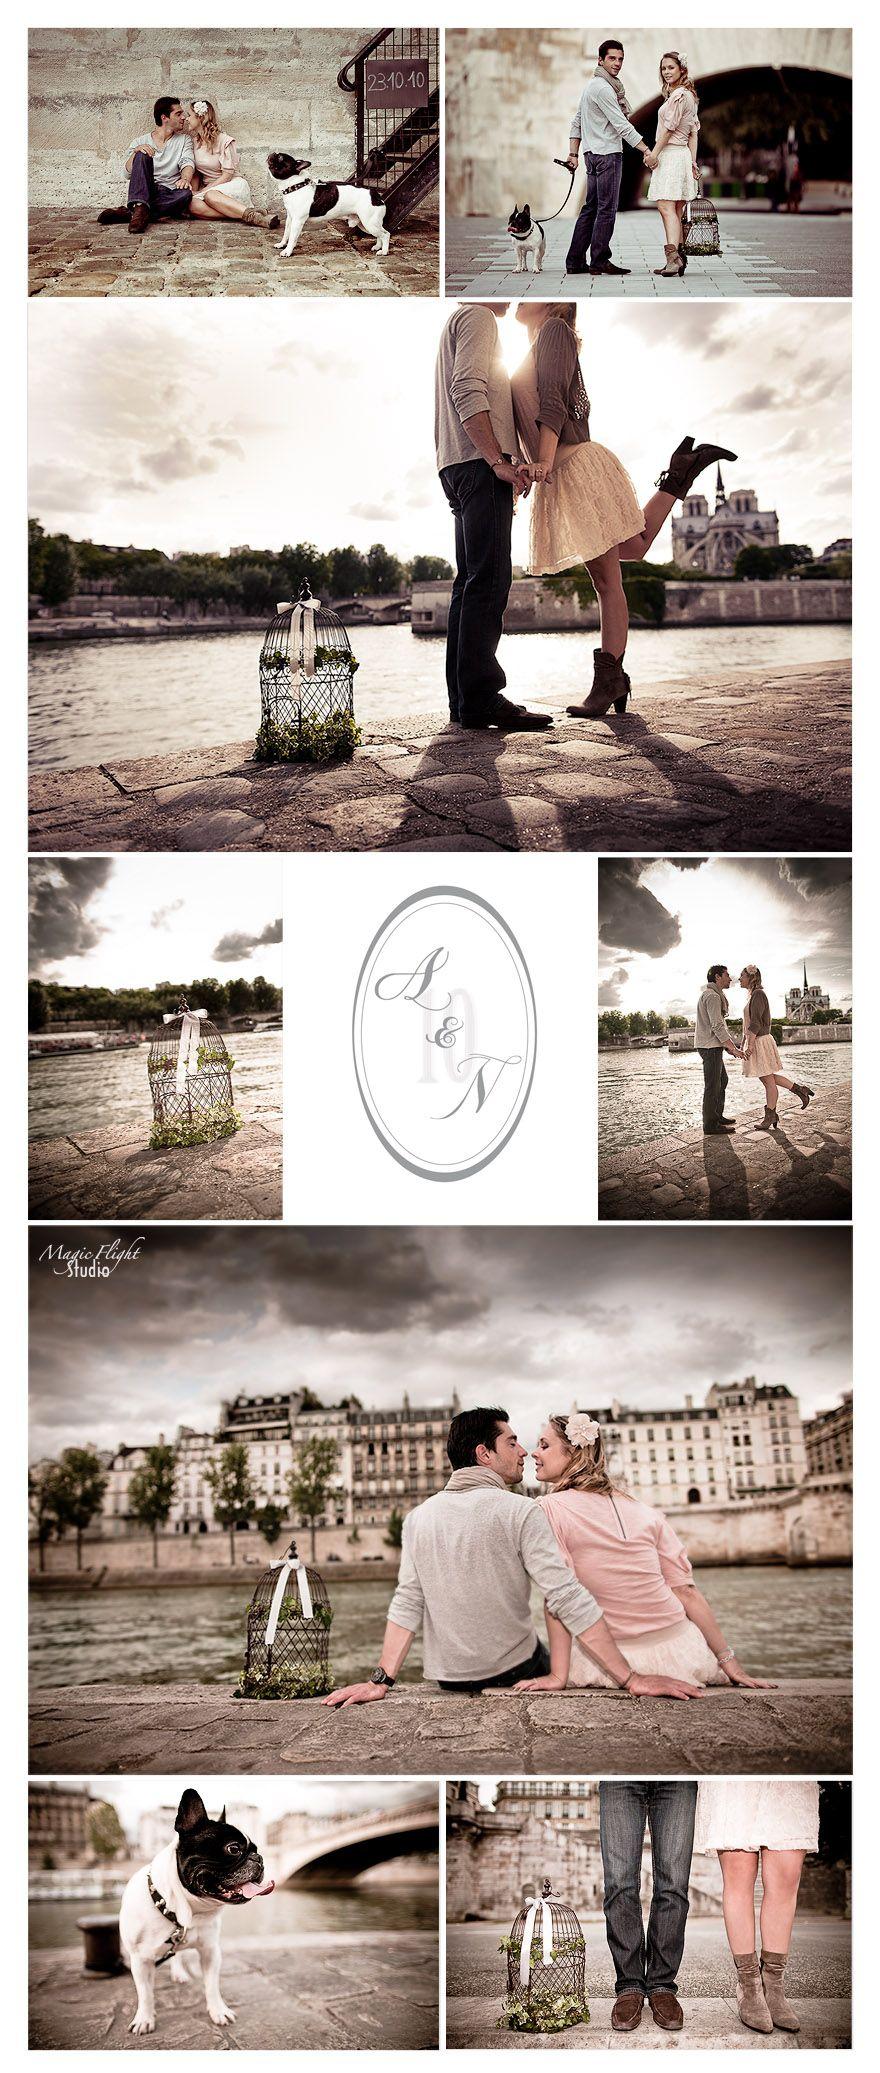 Bien-aimé logo faire part photo mariage copie Ambre & Nicolas, balade pour  YU61